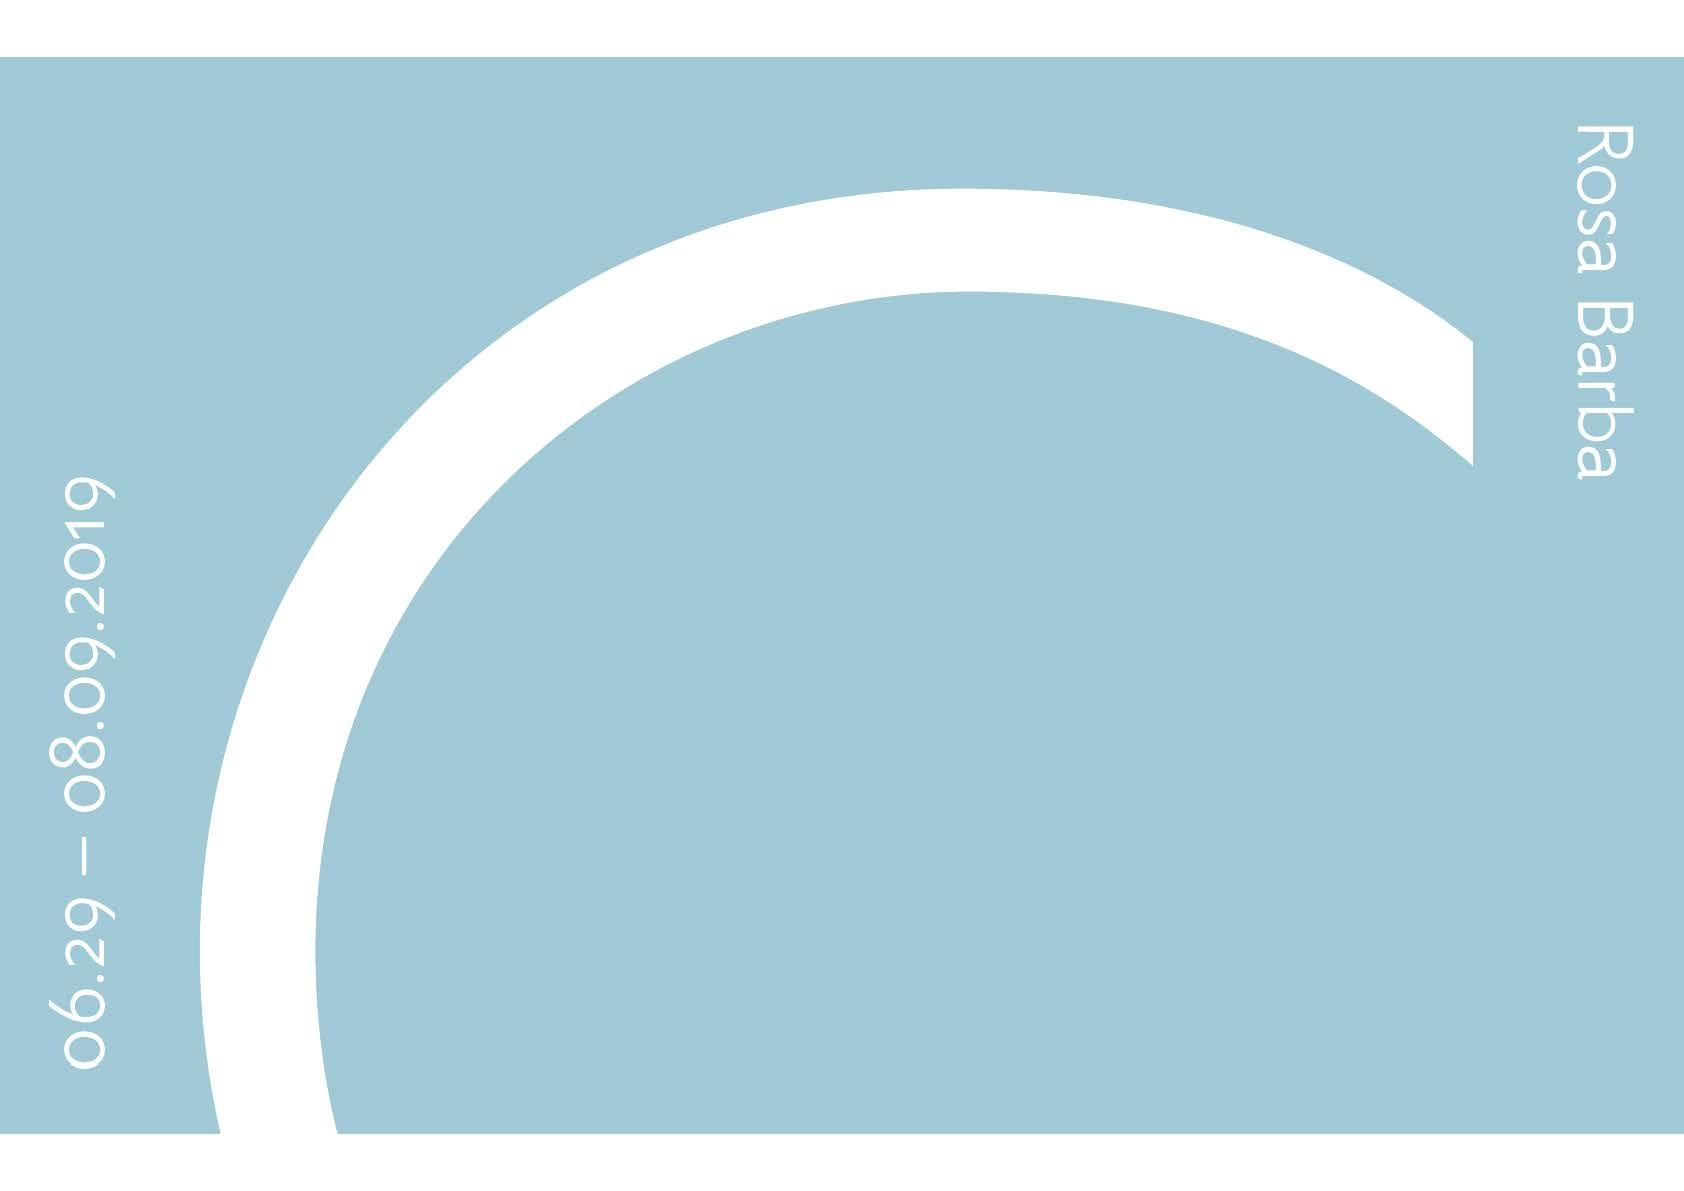 現代美術センターCCA北九州 「ローザ・バルバ展」